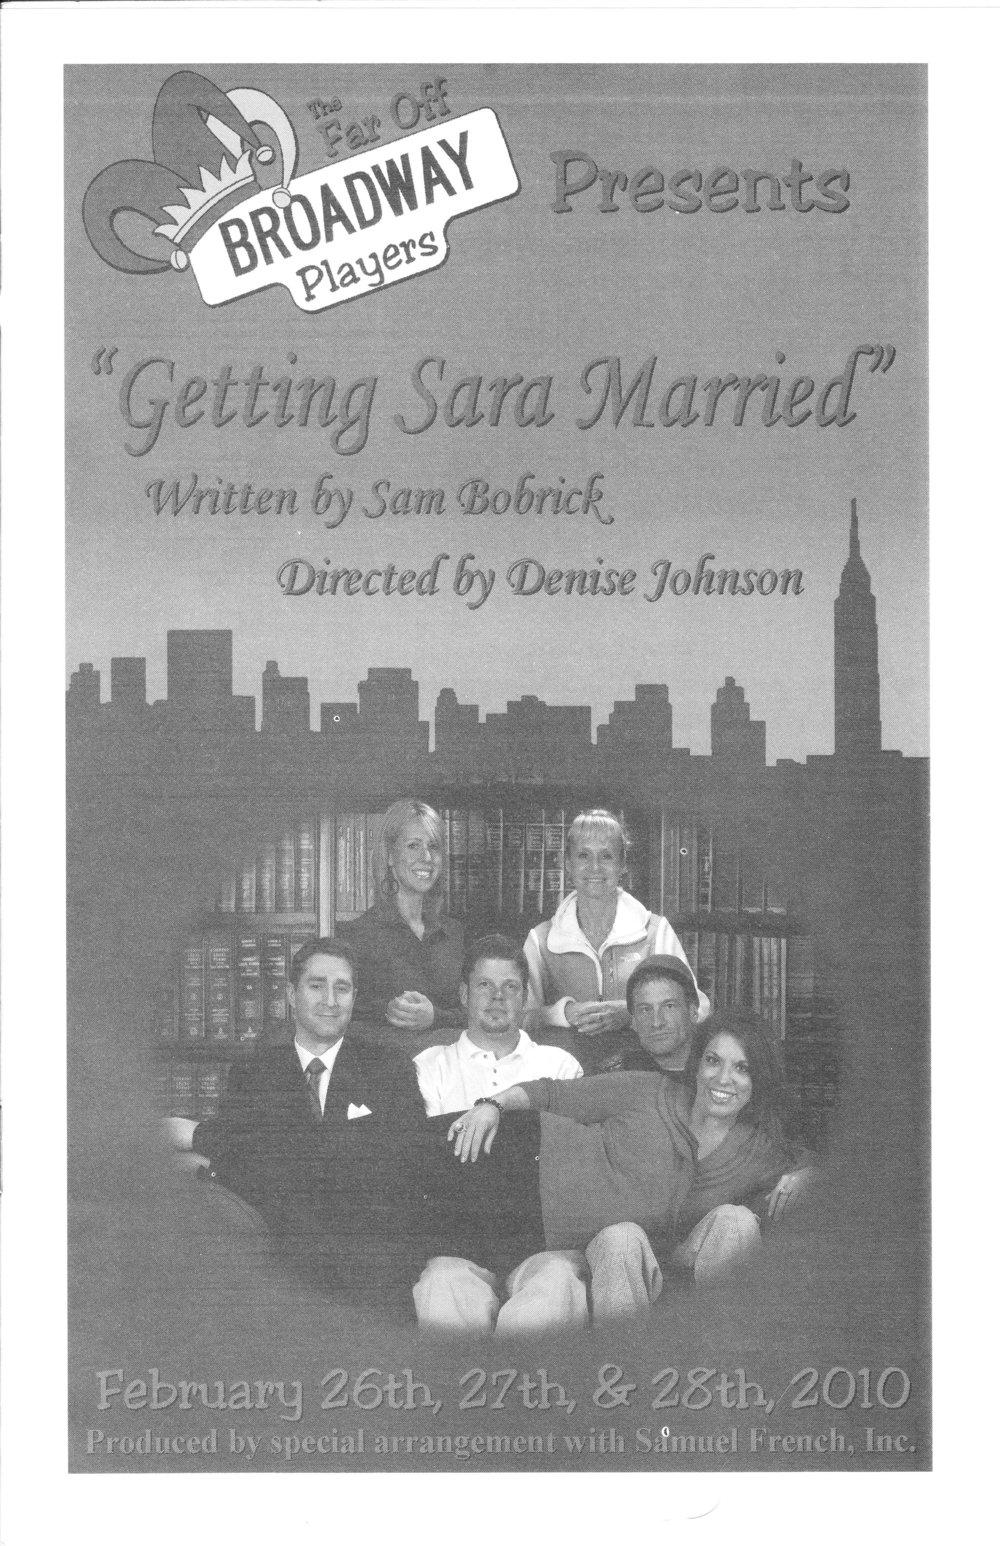 Getting Sara Marriedcover.jpg